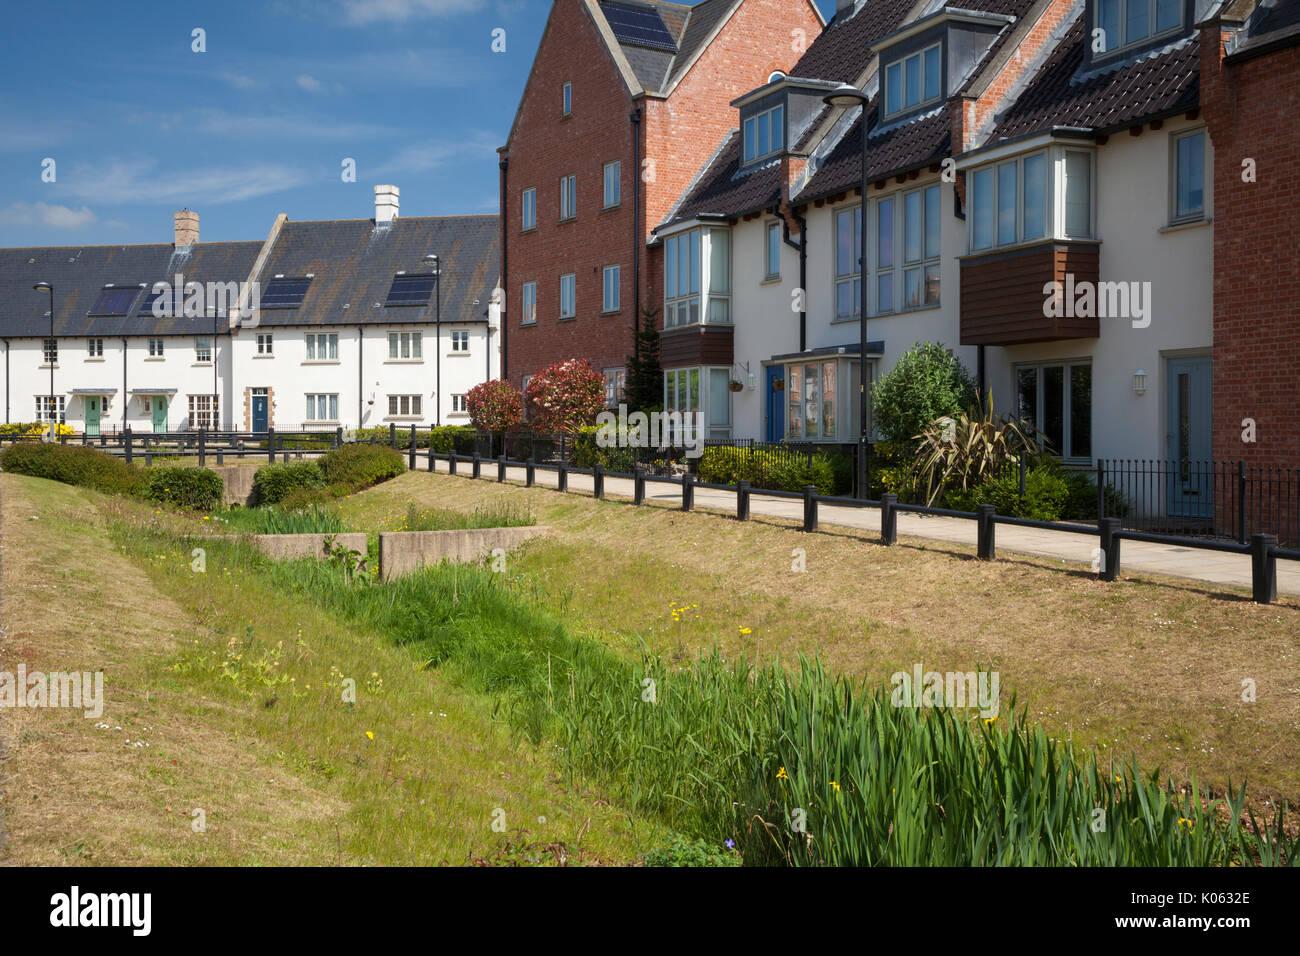 Teil der gemischten Bauformen innerhalb der zeitgenössischen eco-design Entwicklung am Upton in Northampton, England. Stockfoto